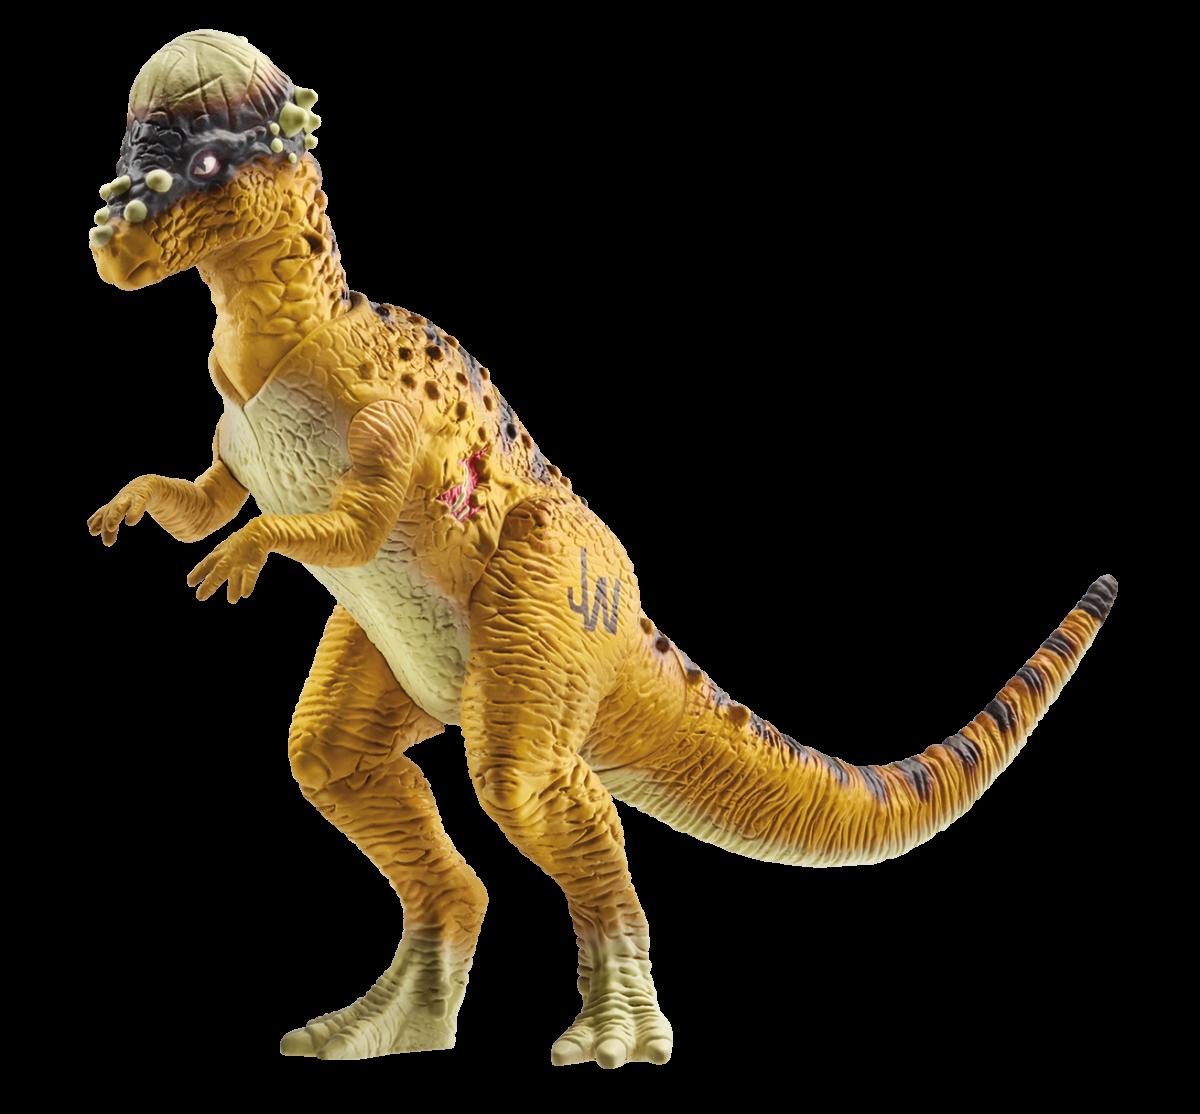 Heres What The Dinosaurs In Jurassic World Will Look Like Www Mainan Figure Dinosaurus Dino Pachycephalosaurus Basic